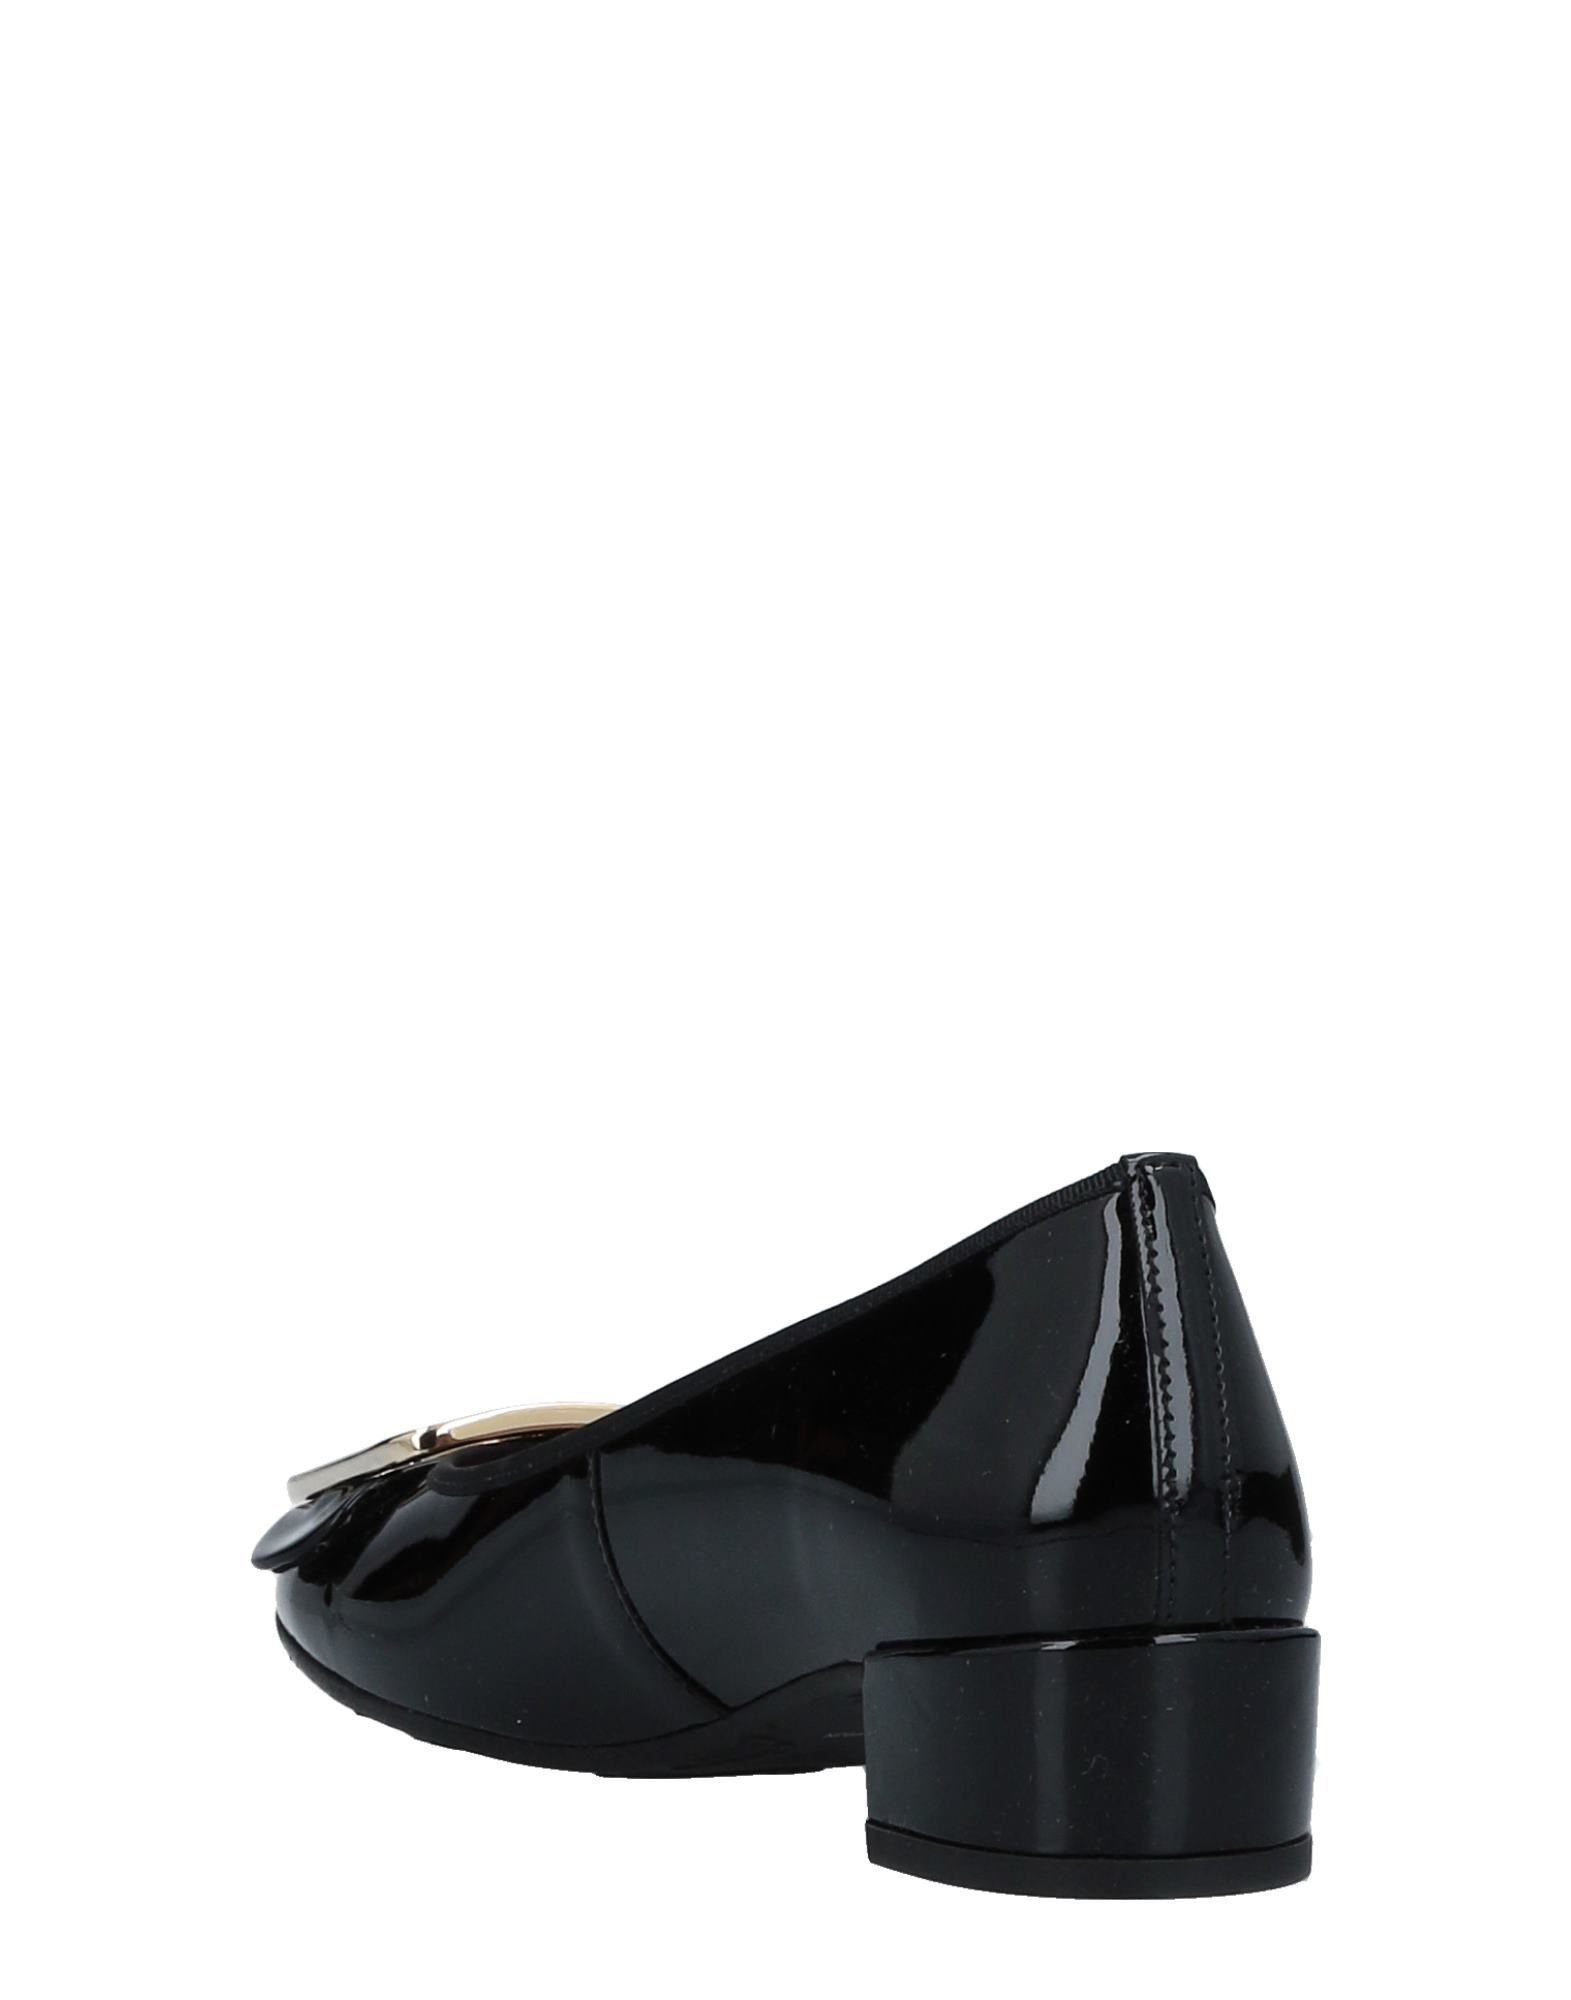 Gut um billige Schuhe Damen zu tragenPretty Ballerinas Pumps Damen Schuhe  11510492FW 5c15d1